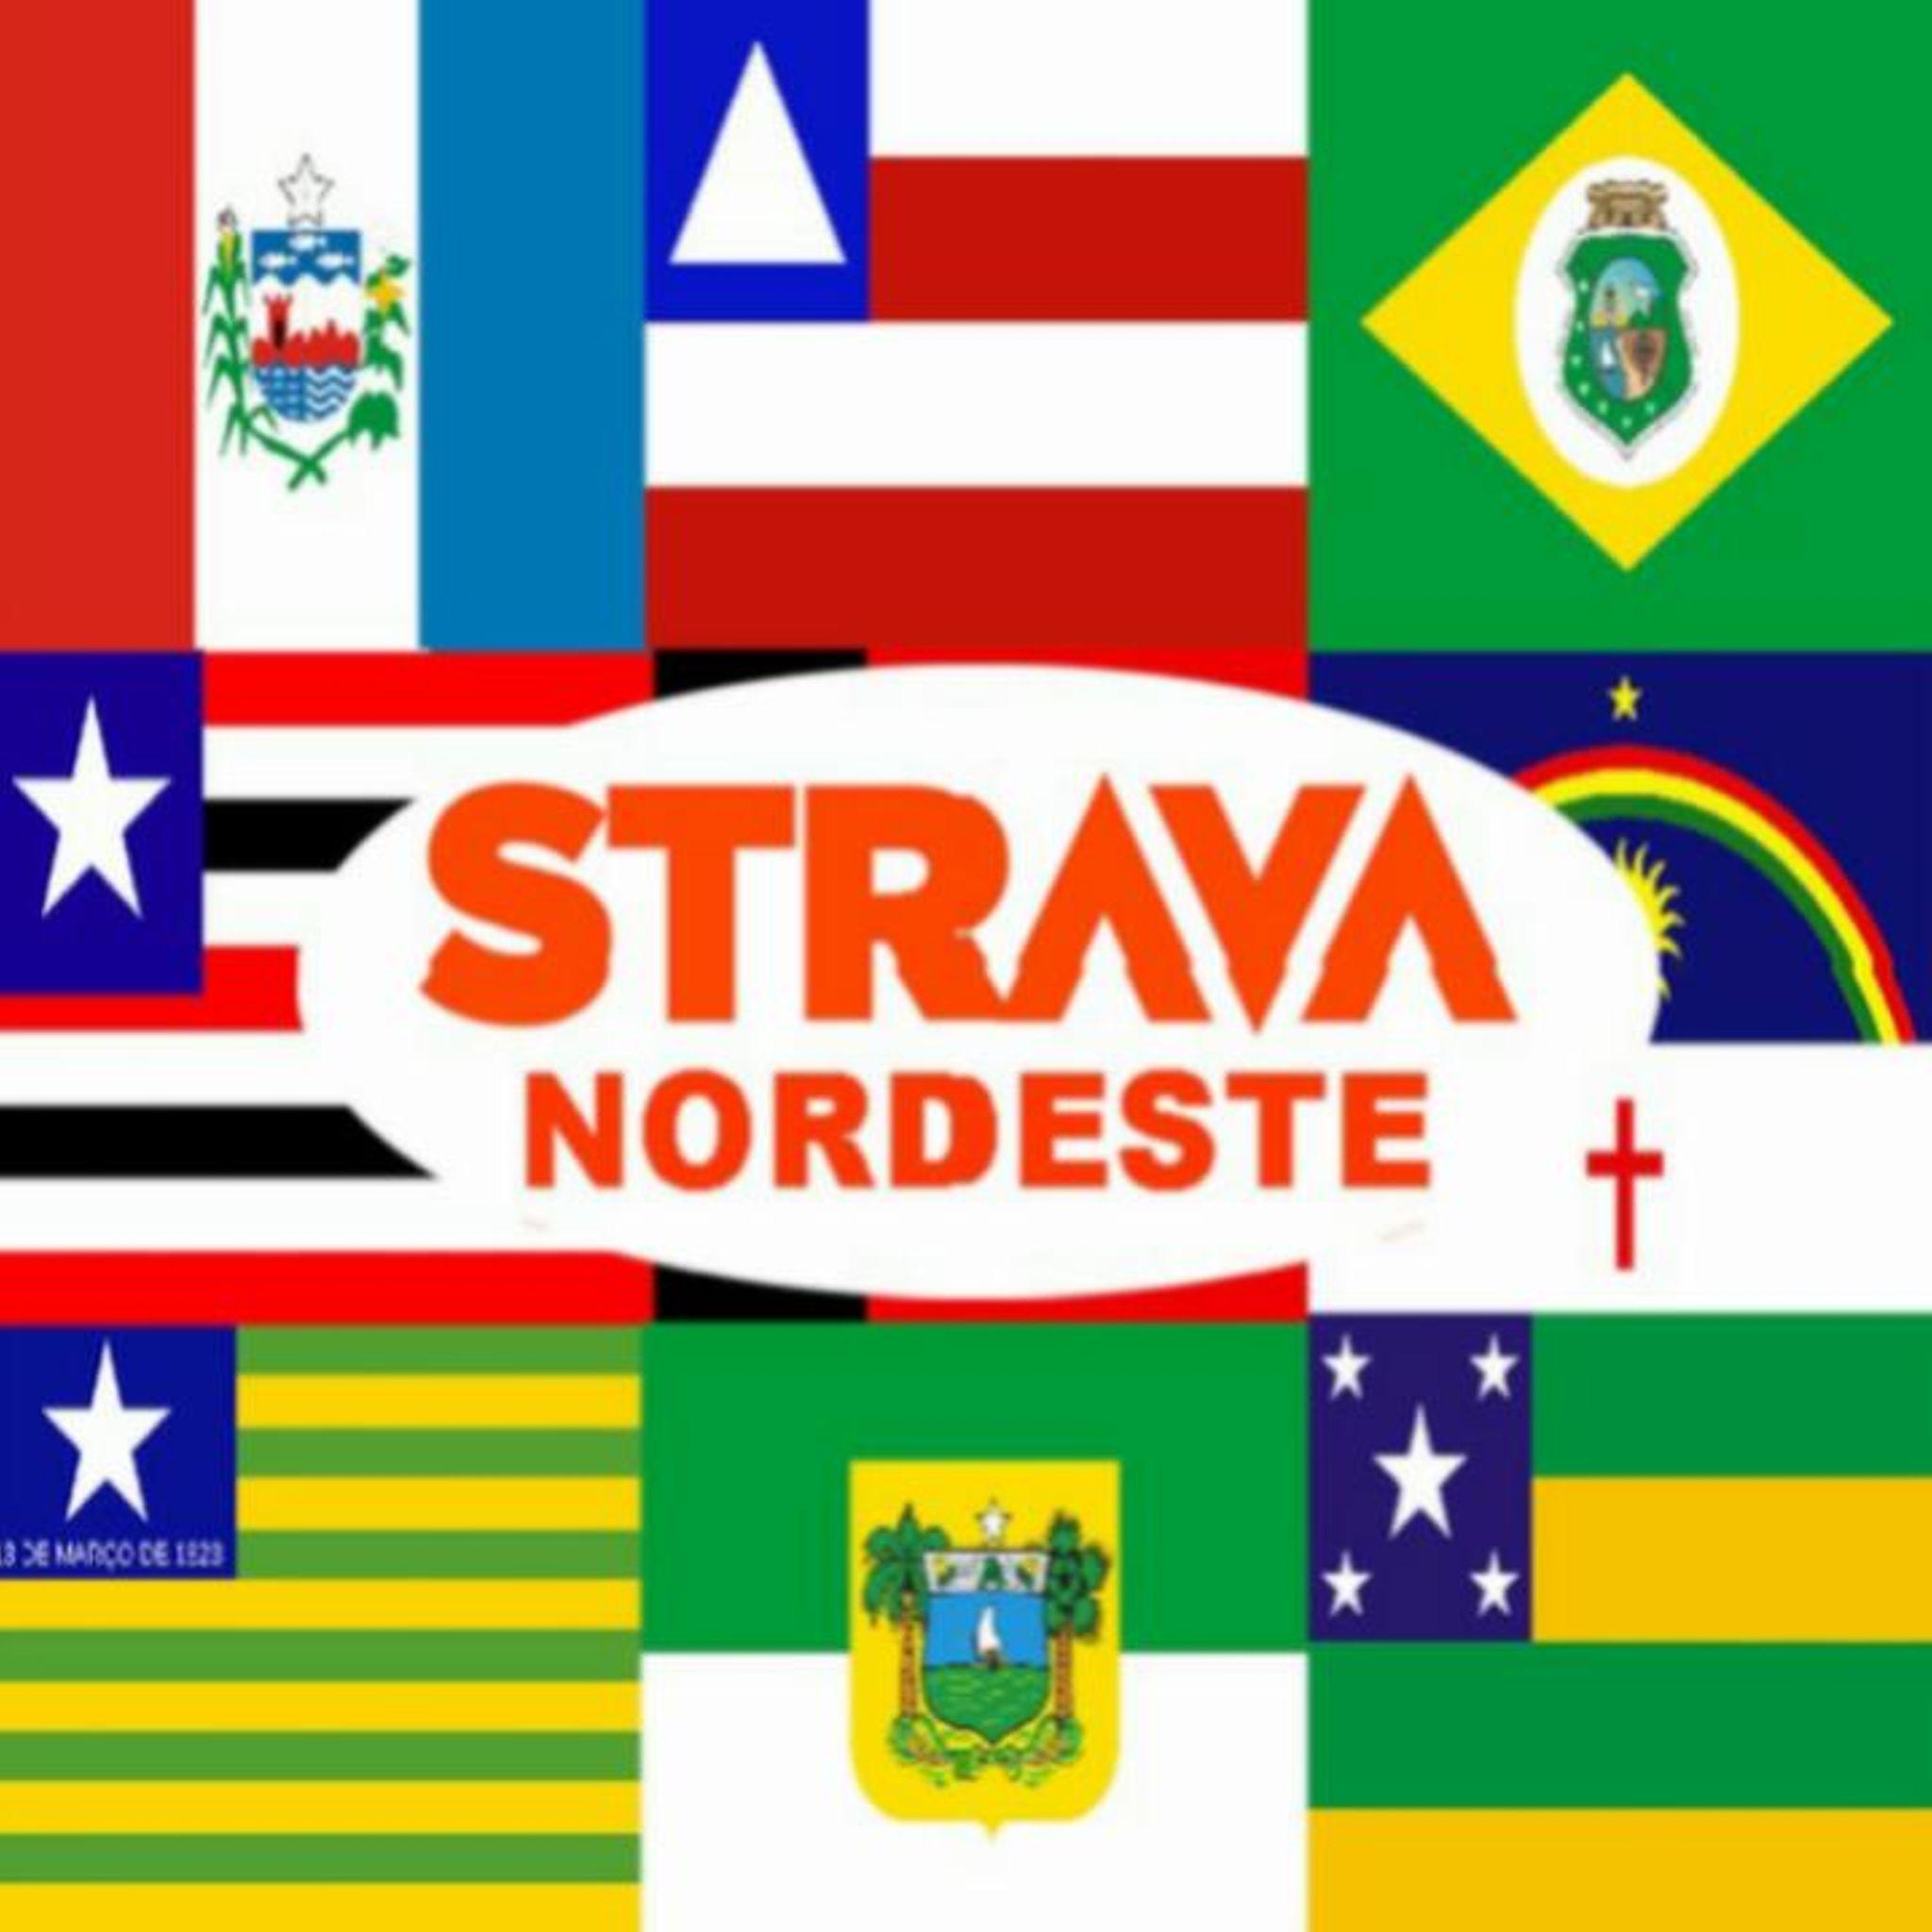 https://www strava com/clubs/STRAVANORDESTE?utm_source=com